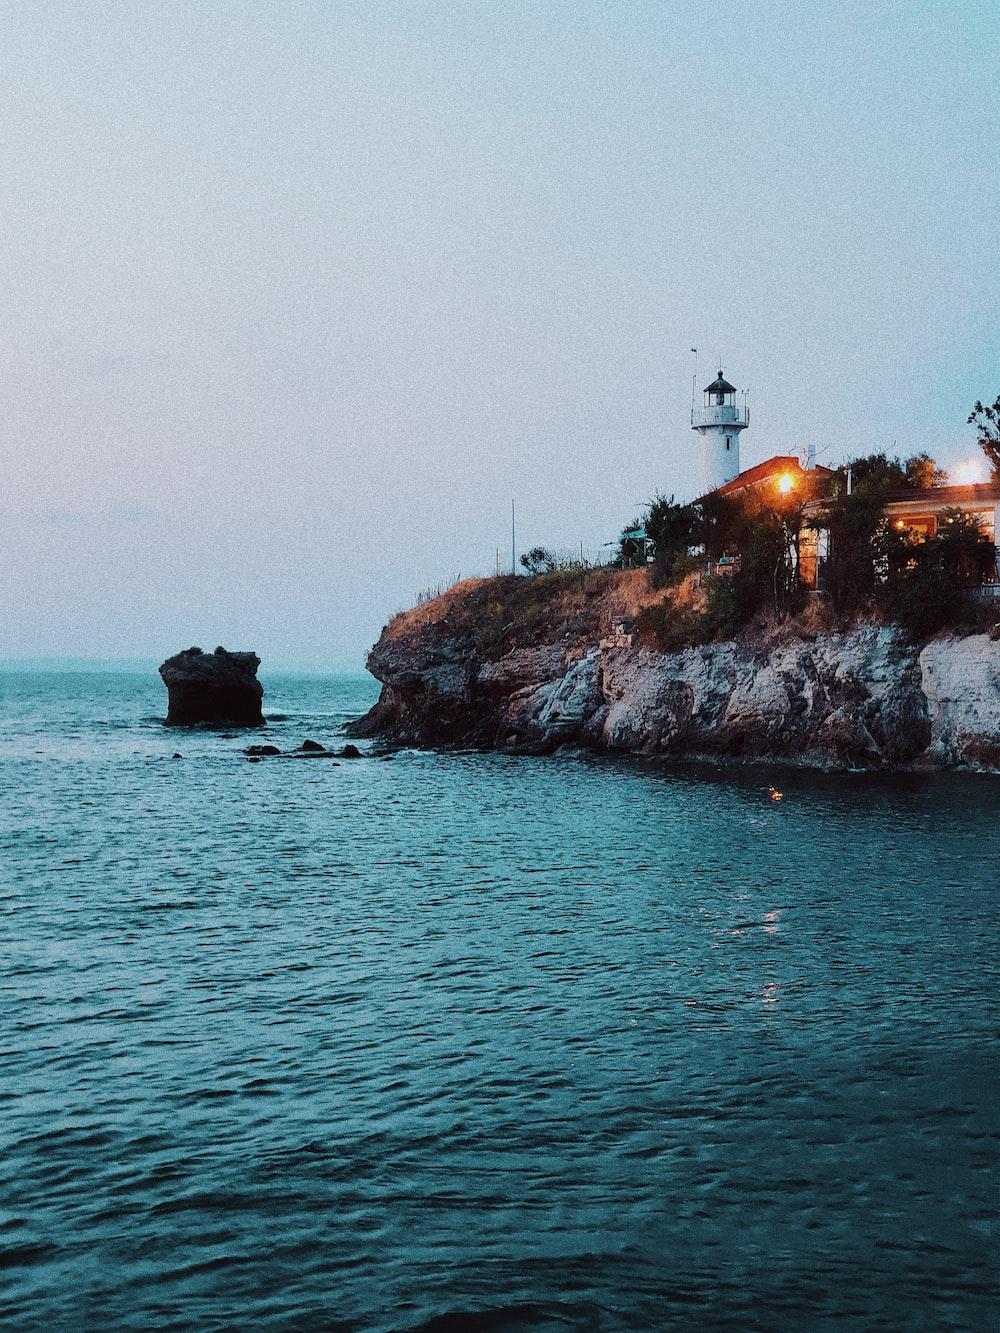 lighthouse near ocean